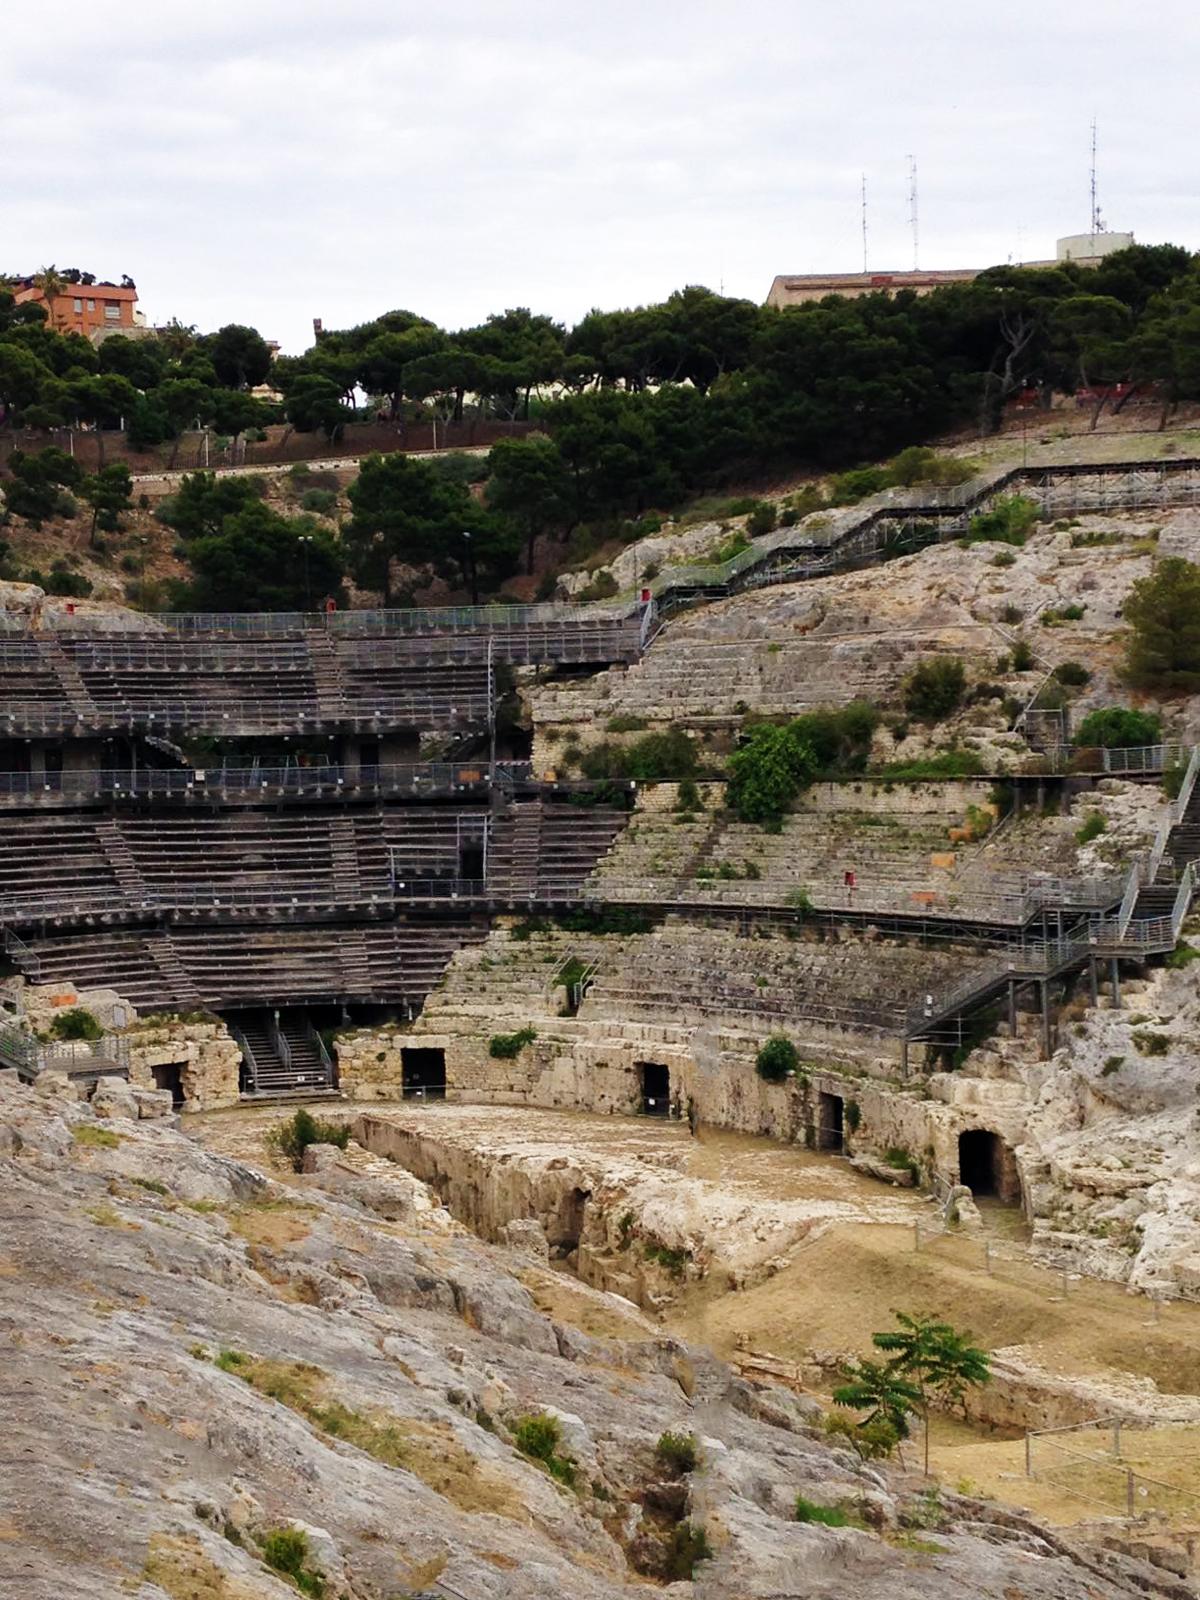 Roman amphitheater of Cagliari